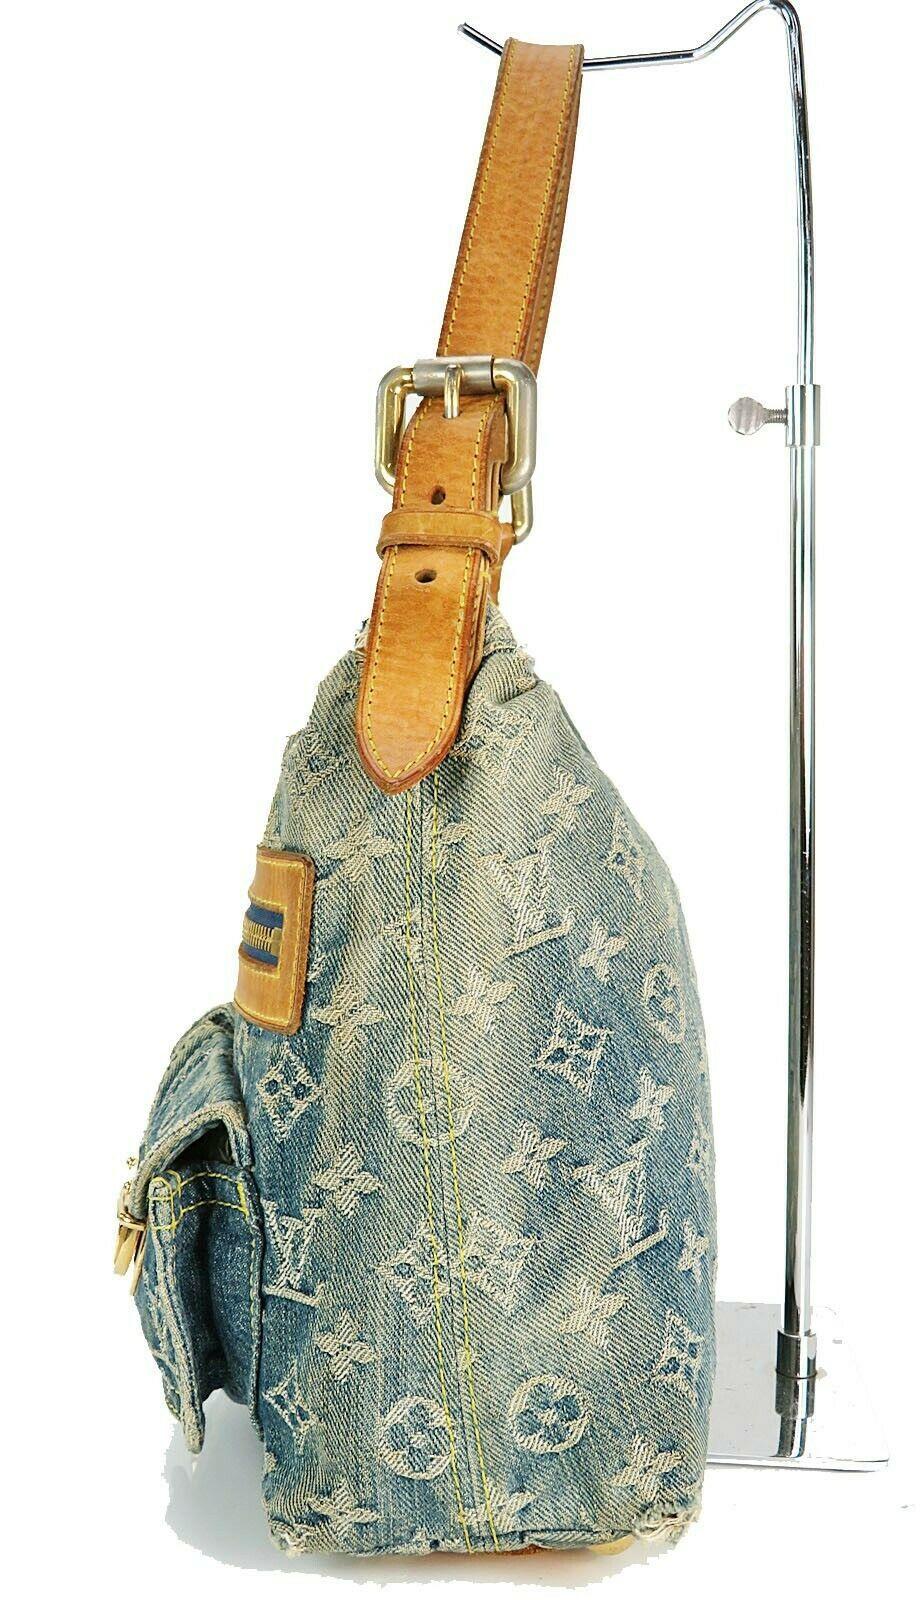 Authentic LOUIS VUITTON Baggy PM Blue Denim Shoulder Tote Bag Purse #34953 image 5